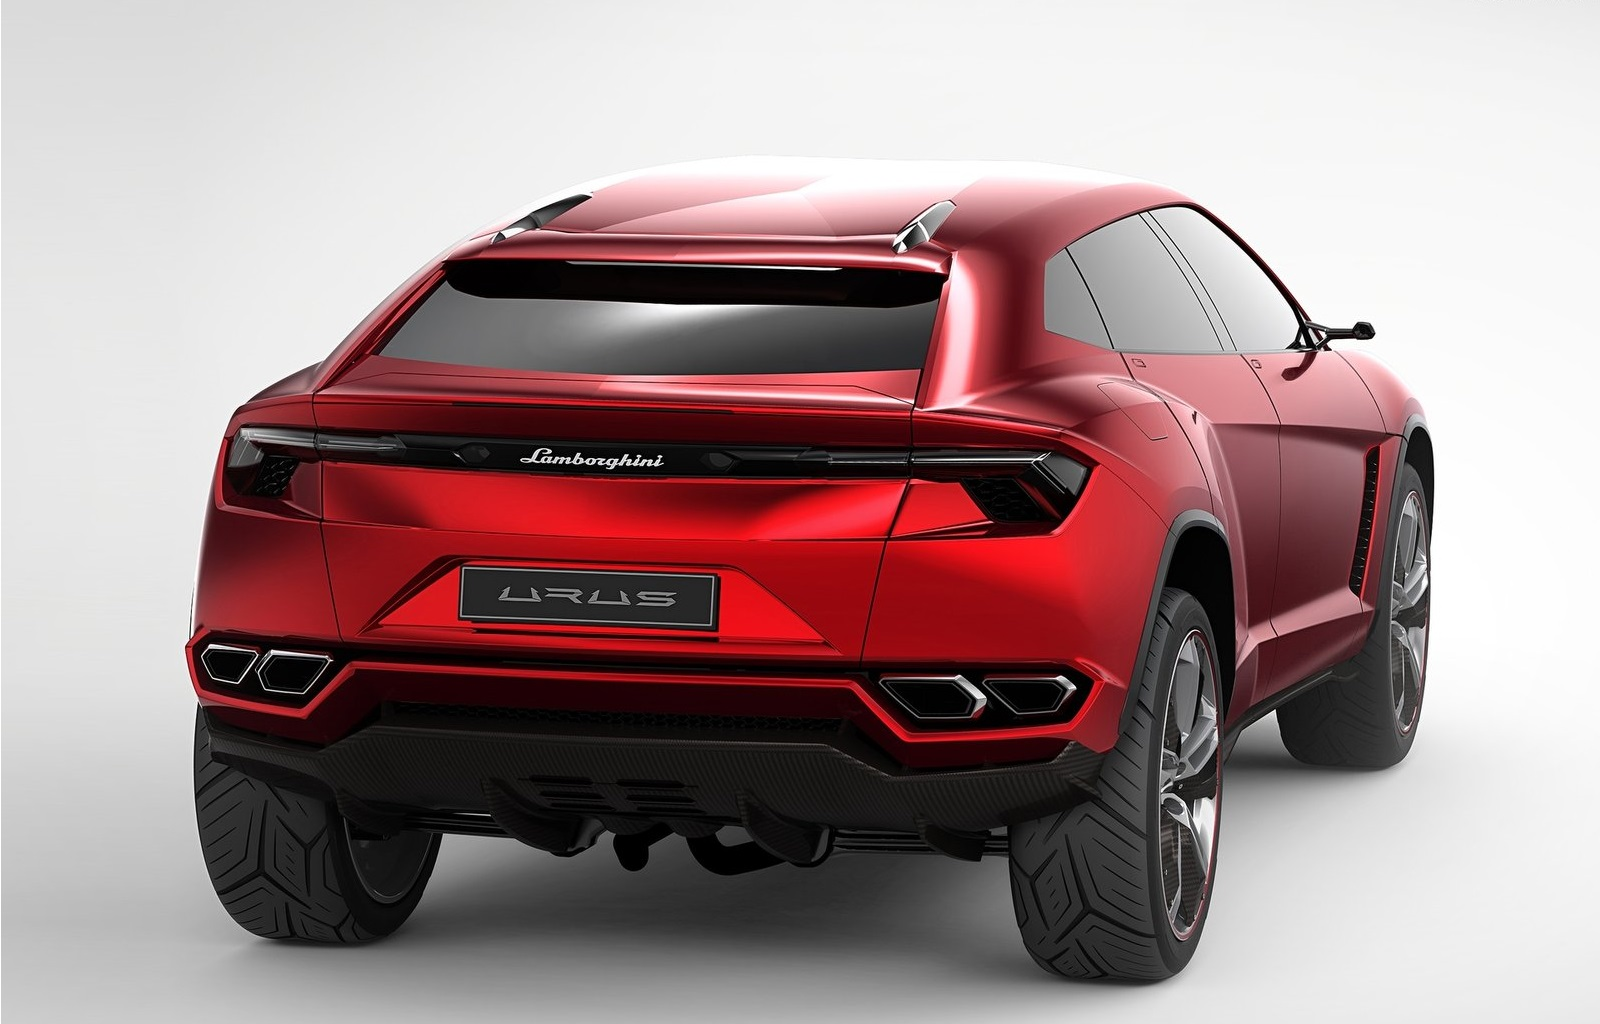 2012 Concept Lamborghini Jeep Wallpaper The Wallpaper